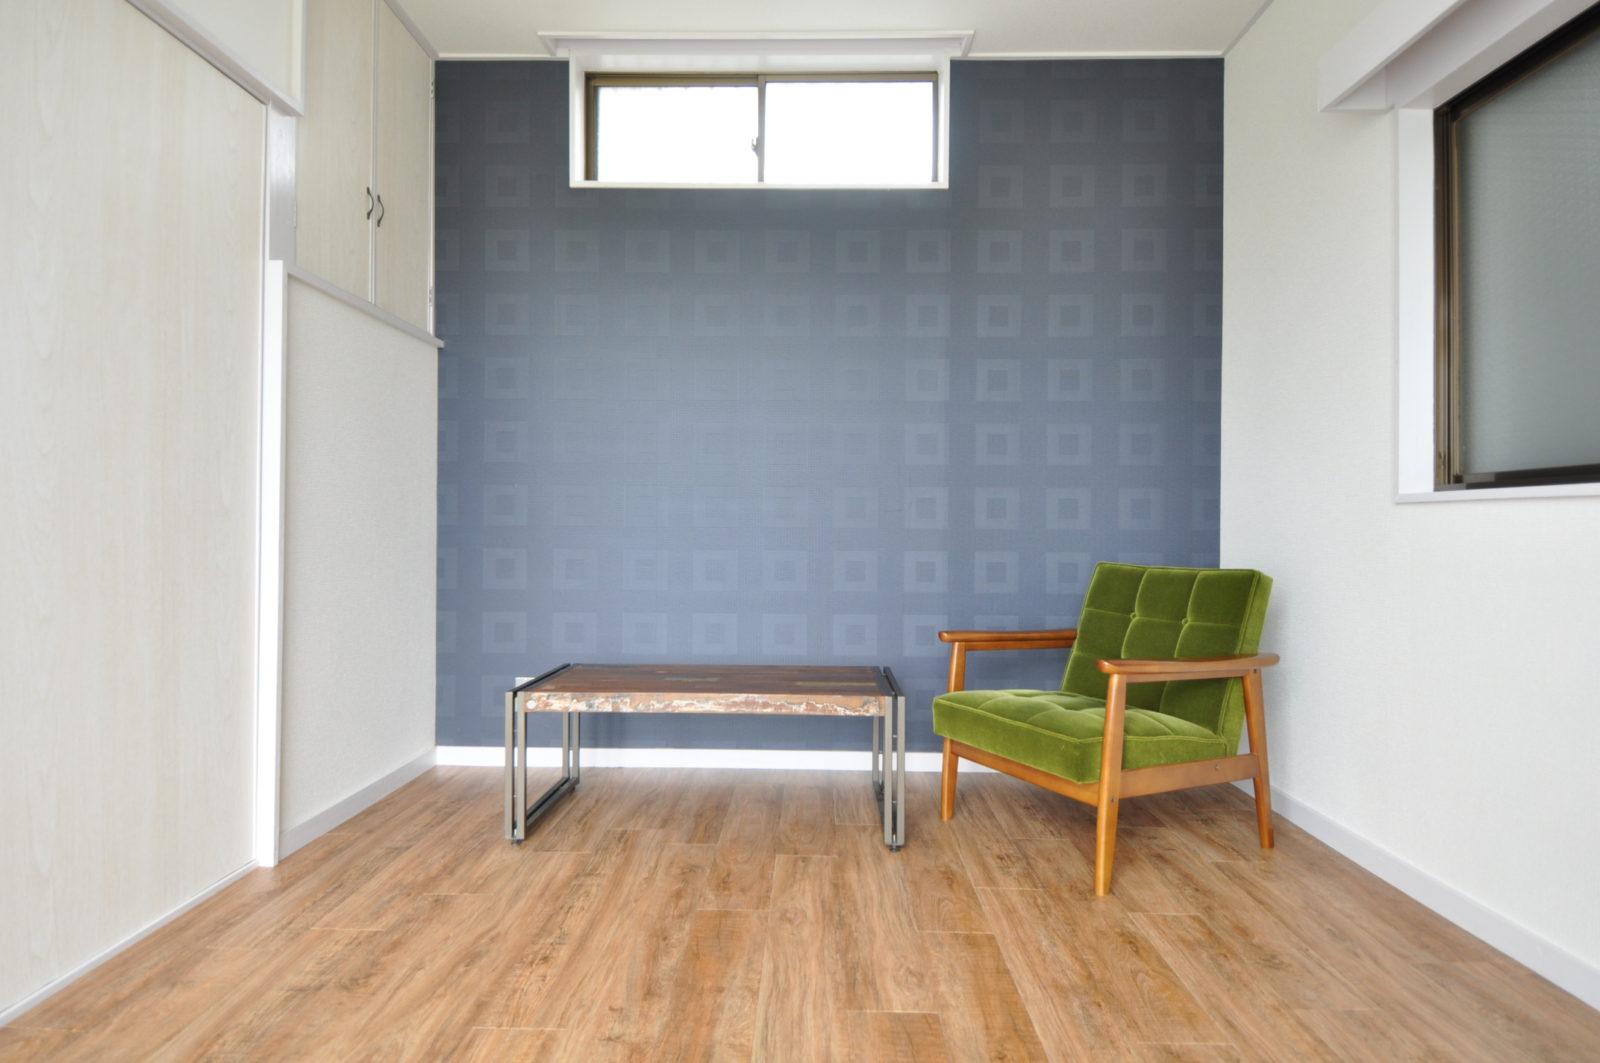 【洋室Ⅰ】アクセントクロスを使用し、床はビンテージフロアタイルで仕上げました。